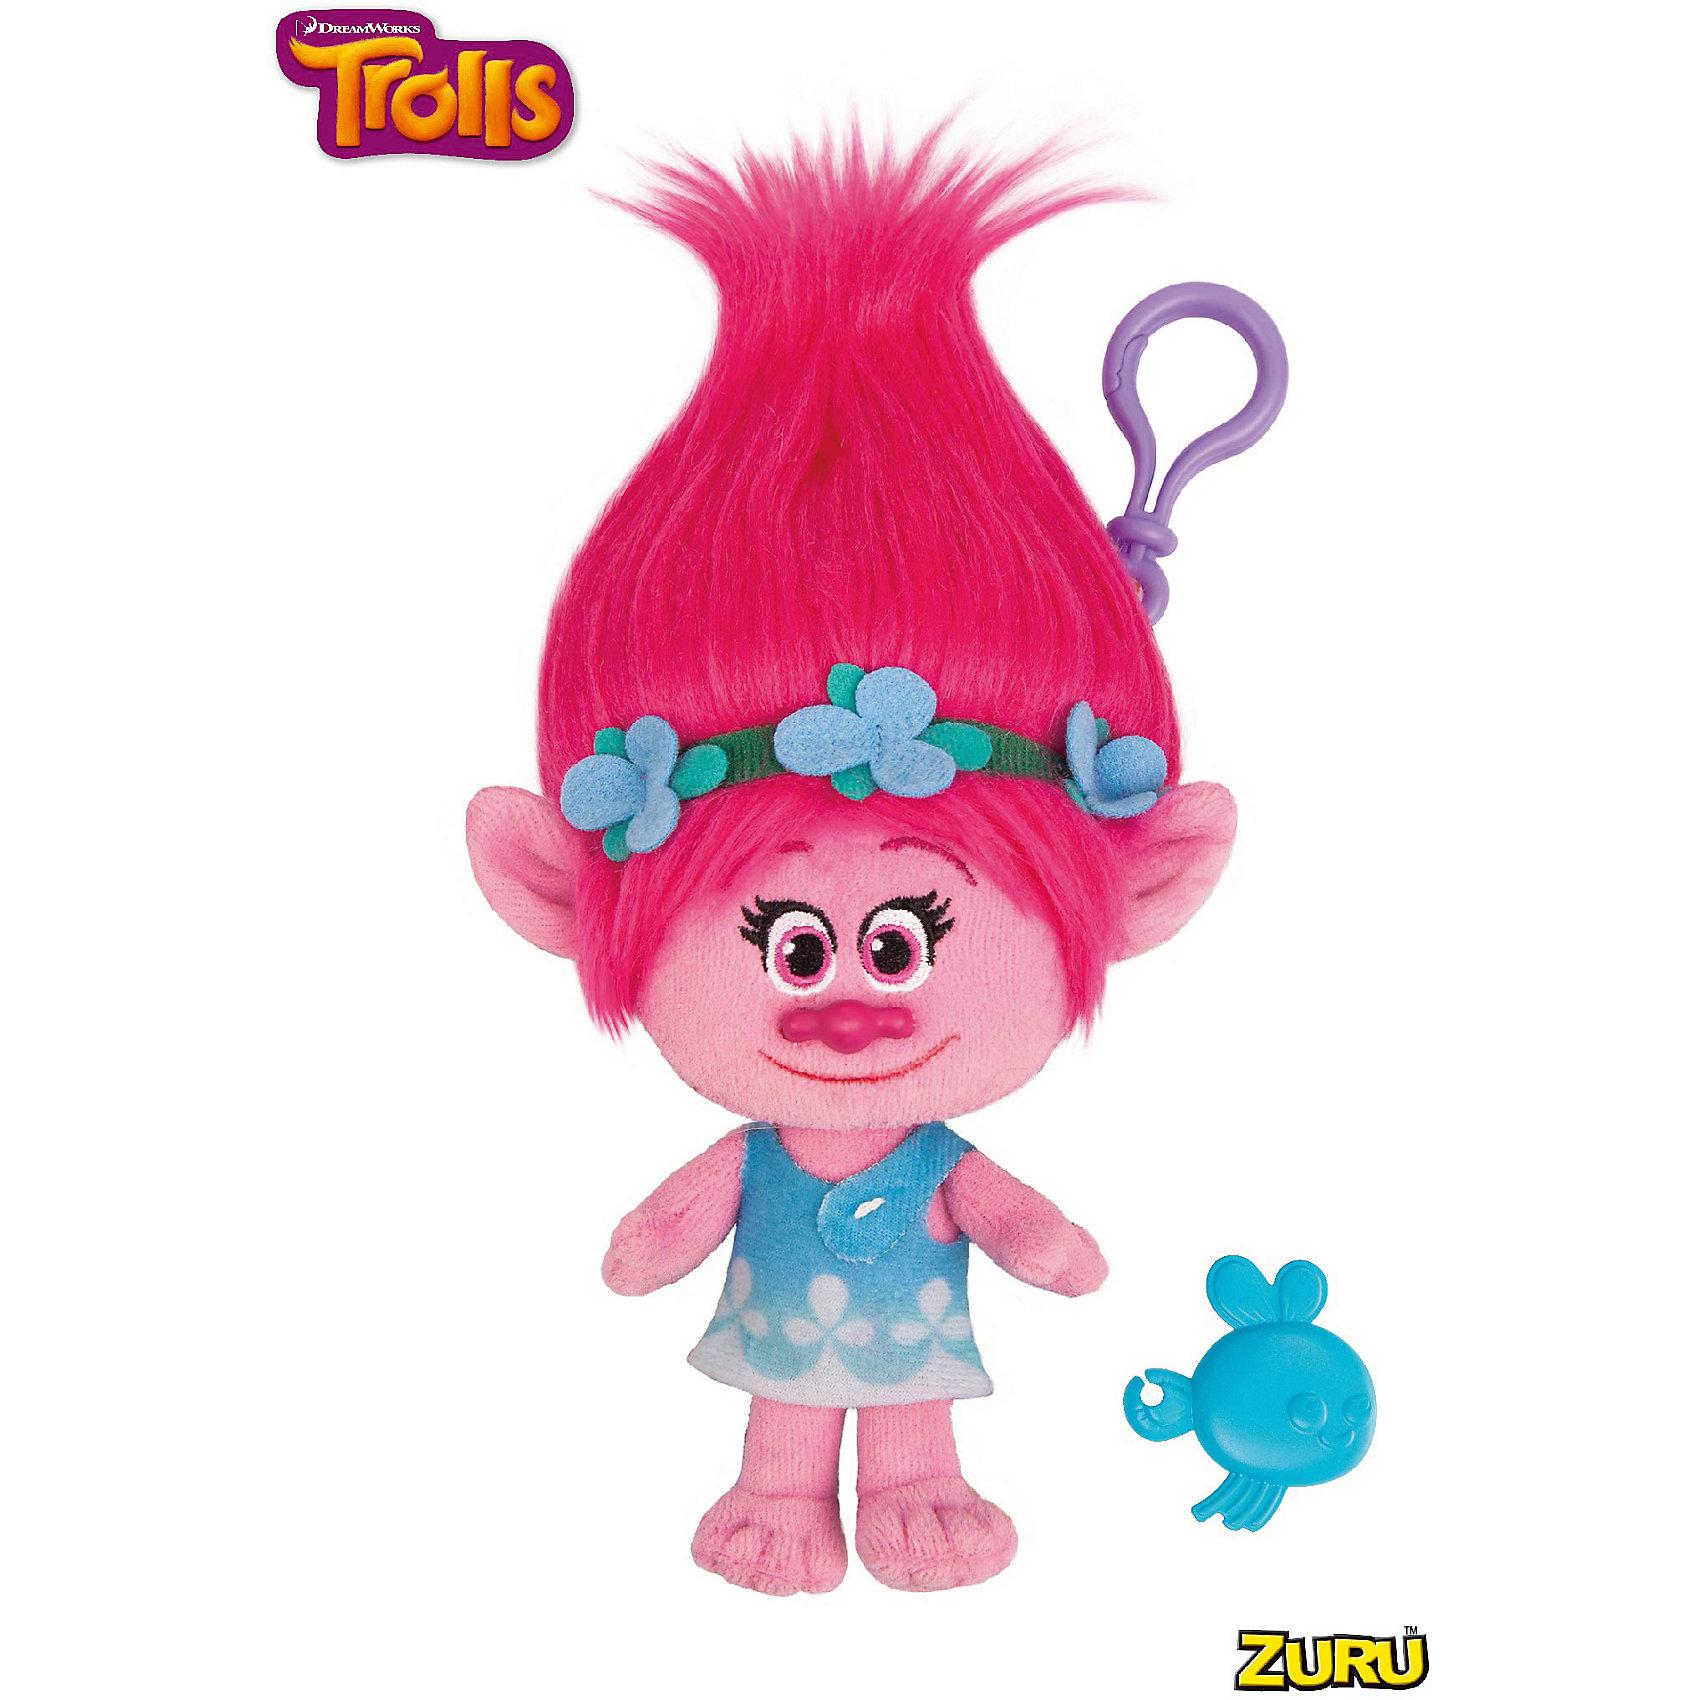 Тролль-кукла Розочка, 26 смТролль-кукла Розочка Poppy, 26 см -  игрушка, которая наверняка порадует всех поклонников мультфильма Тролли. <br><br>Тролли - смешная и увлекательная анимационная комедия от студии DreamWorks. Фильм повествует об удивительном и сказочном мире, в котором проживают не менее удивительные существа - тролли и их противники - бергены. Тролли - веселые беззаботные создания, привыкшие петь и танцевать дни напролет. Бергены же наоборот, чувствуют себя счастливыми только тогда, когда тролли оказываются в их желудке. <br><br><br><br>Дополнительная информация:<br>- Высота игрушки: 26 см.<br>- В комплект вместе с игрушкой входят расческа для волос тролля и карабин.<br>- Материалы: текстиль, пластмасса.<br><br>Тролль-куклу Розочка, 26 см можно купить в нашем интернет-магазине.<br><br>Ширина мм: 200<br>Глубина мм: 70<br>Высота мм: 260<br>Вес г: 210<br>Возраст от месяцев: 36<br>Возраст до месяцев: 2147483647<br>Пол: Женский<br>Возраст: Детский<br>SKU: 4919070